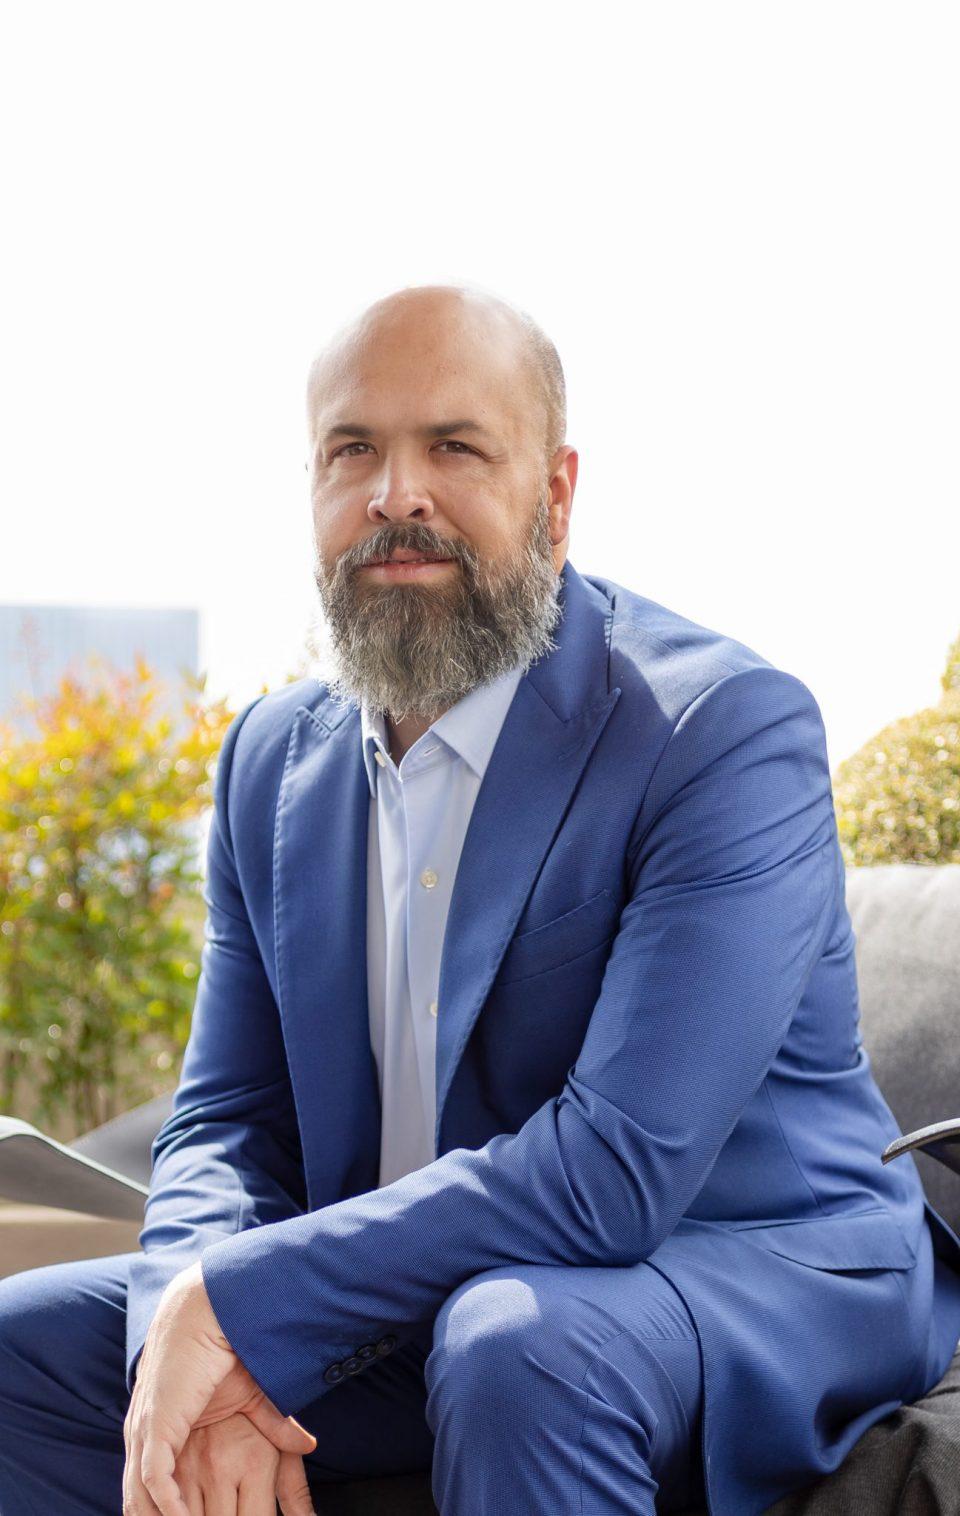 Mambu, la plataforma líder de software 100% nativa en la nube que ofrece un modelo de servicio (SaaS), anunció a Alejandro Masseroni como su nuevo gerente general para México.